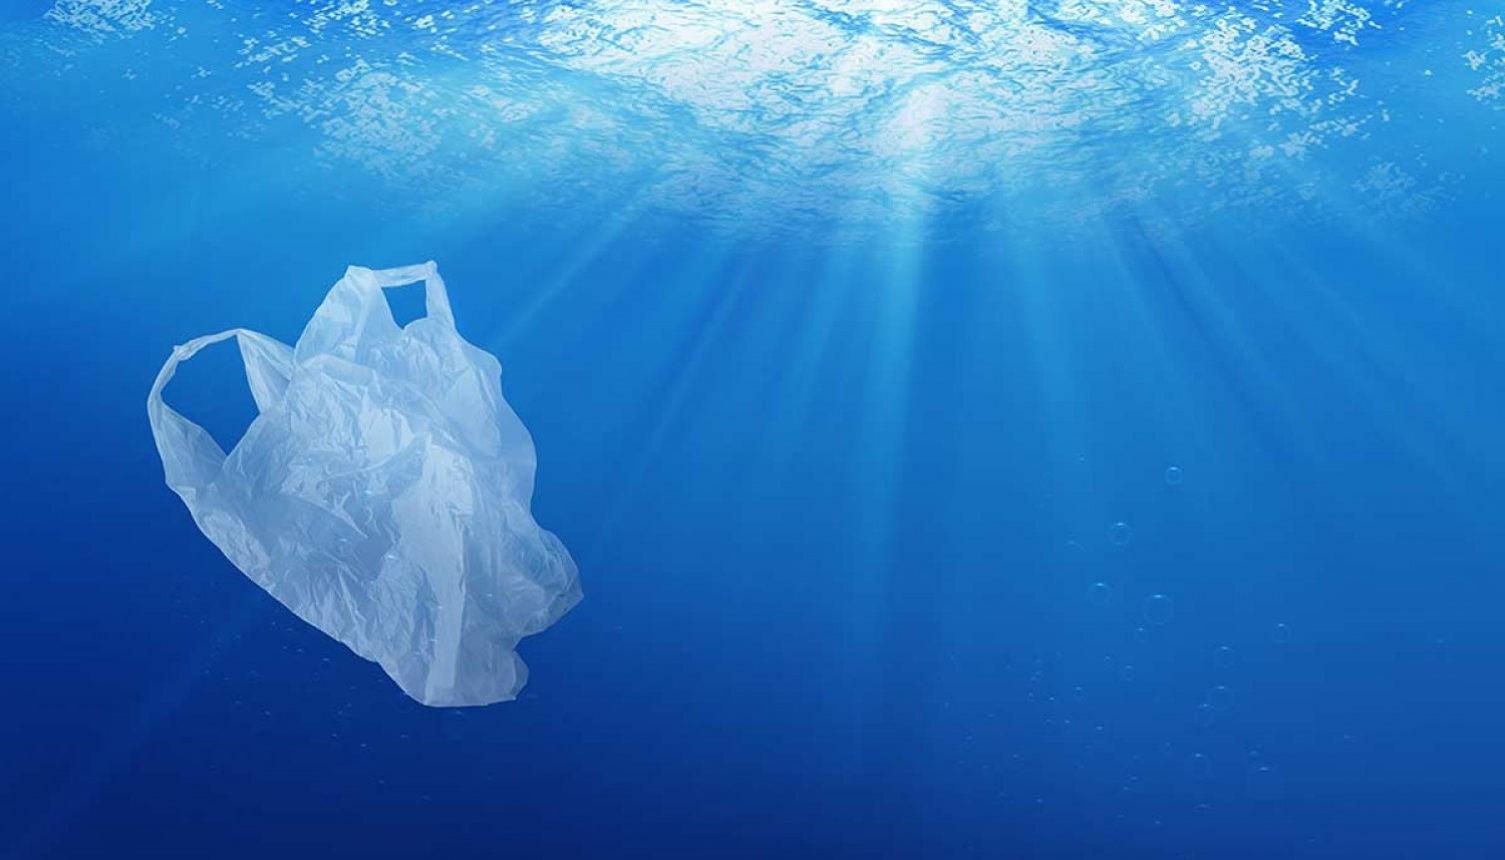 Современные методы очистки океанов от пластика оказались малоэффективными